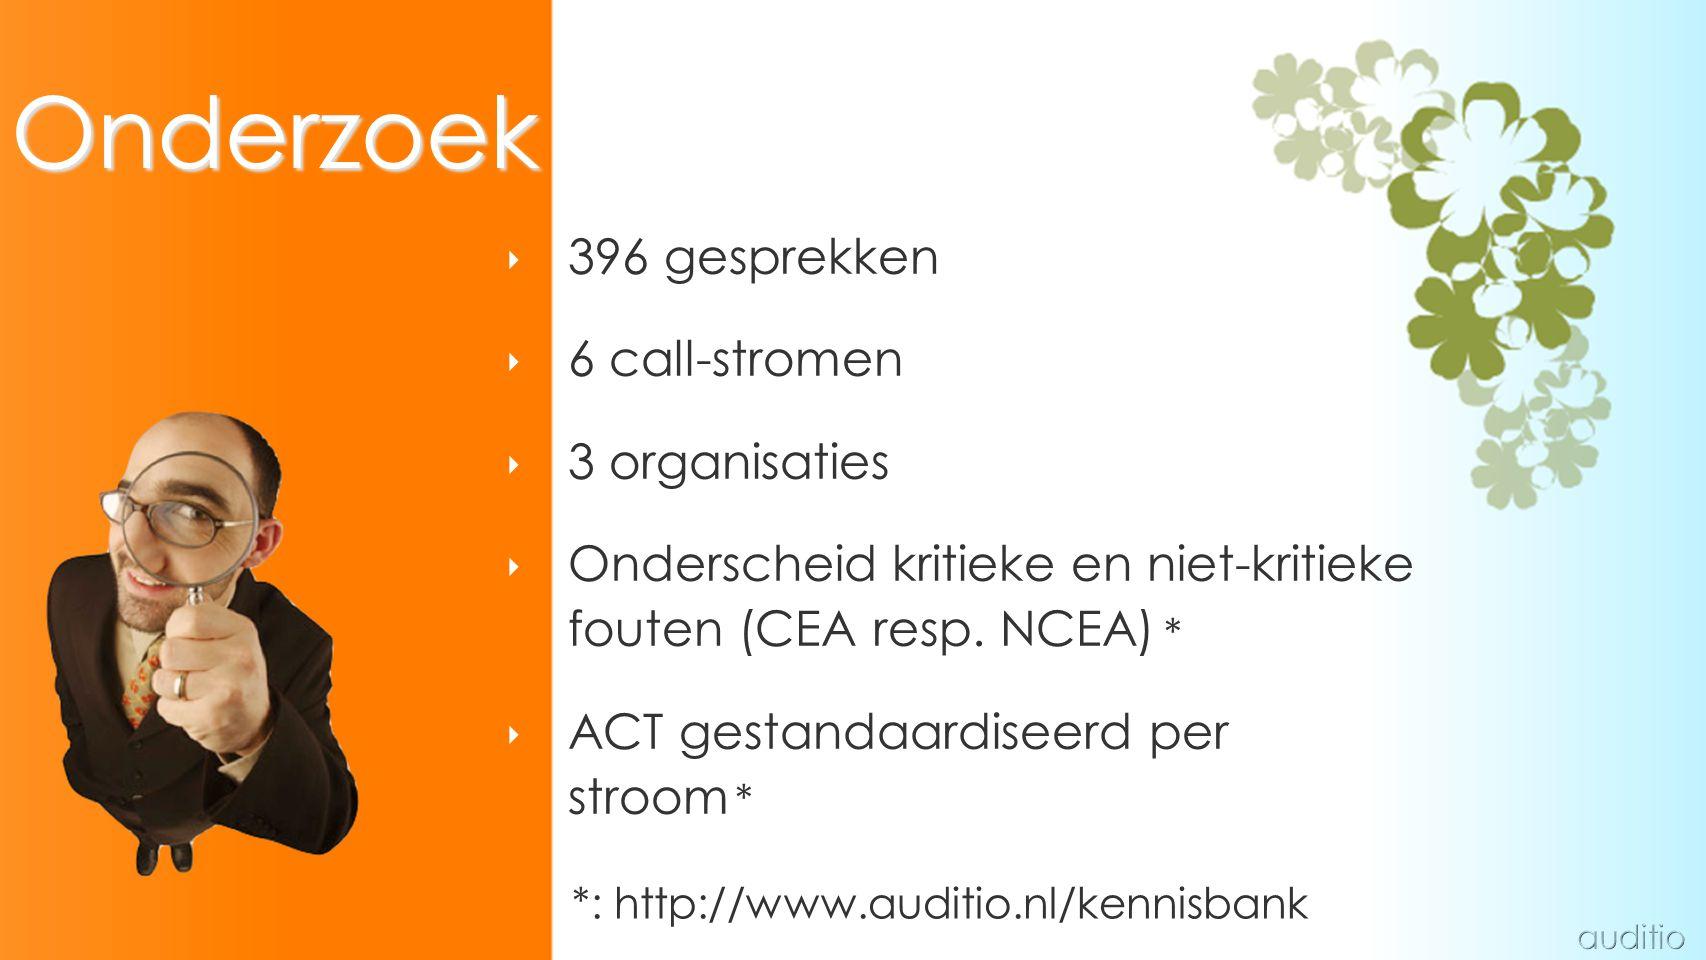 Onderzoek ‣ 396 gesprekken ‣ 6 call-stromen ‣ 3 organisaties ‣ Onderscheid kritieke en niet-kritieke fouten (CEA resp. NCEA) ‣ ACT gestandaardiseerd p